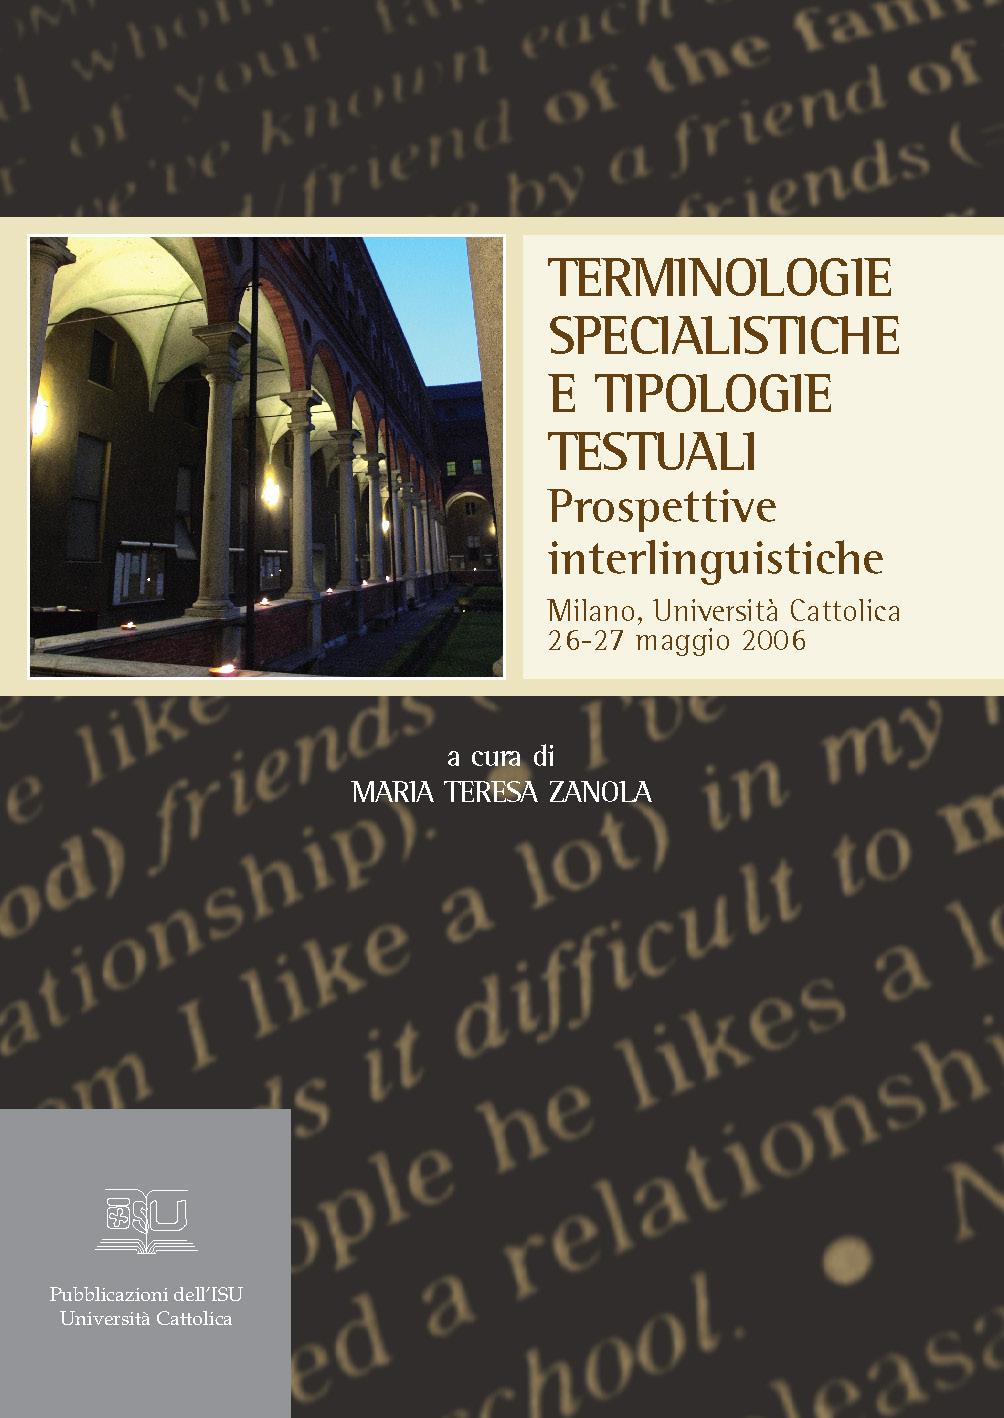 TERMINOLOGIE SPECIALISTICHE E TIPOLOGIE TESTUALI. PROSPETTIVE INTERLINGUISTICHE